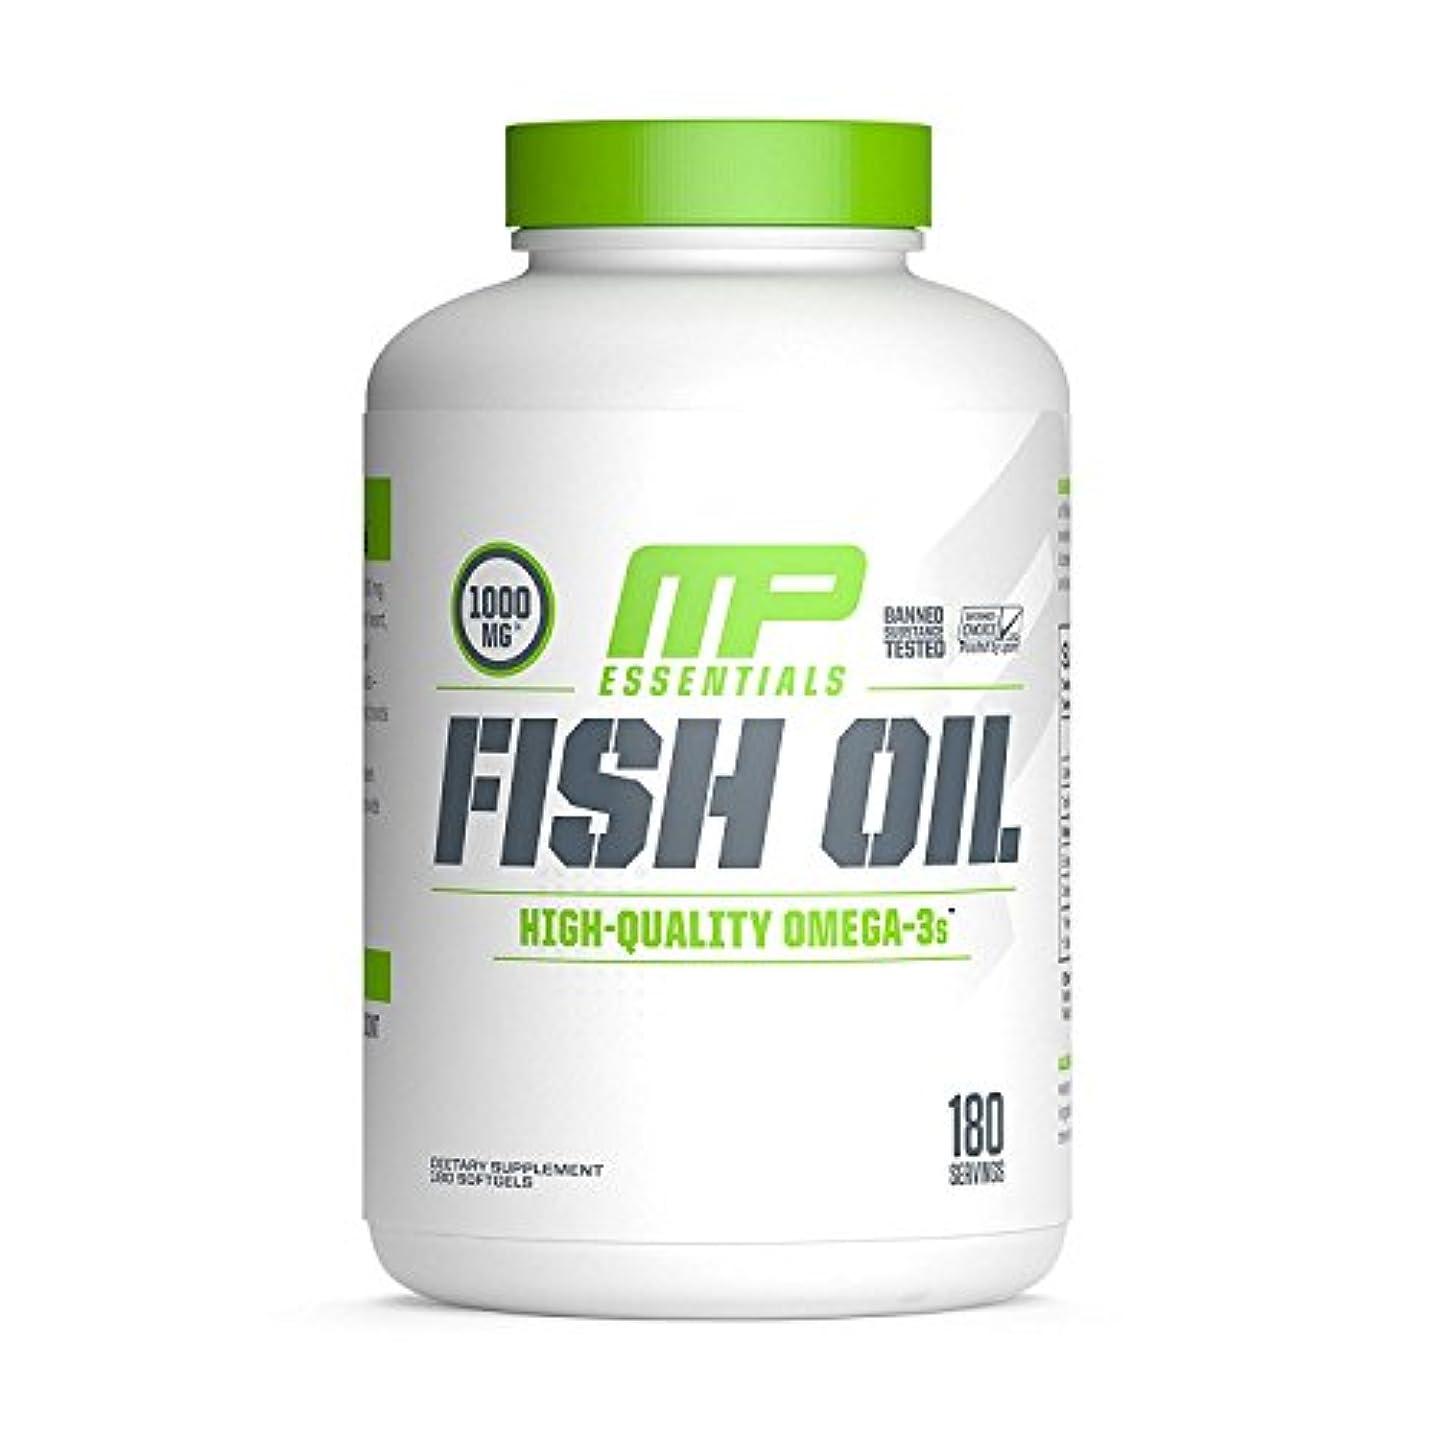 配分細分化する豪華な海外直送品 MusclePharm, Fish Oil Essentials 180 Servings [並行輸入品]